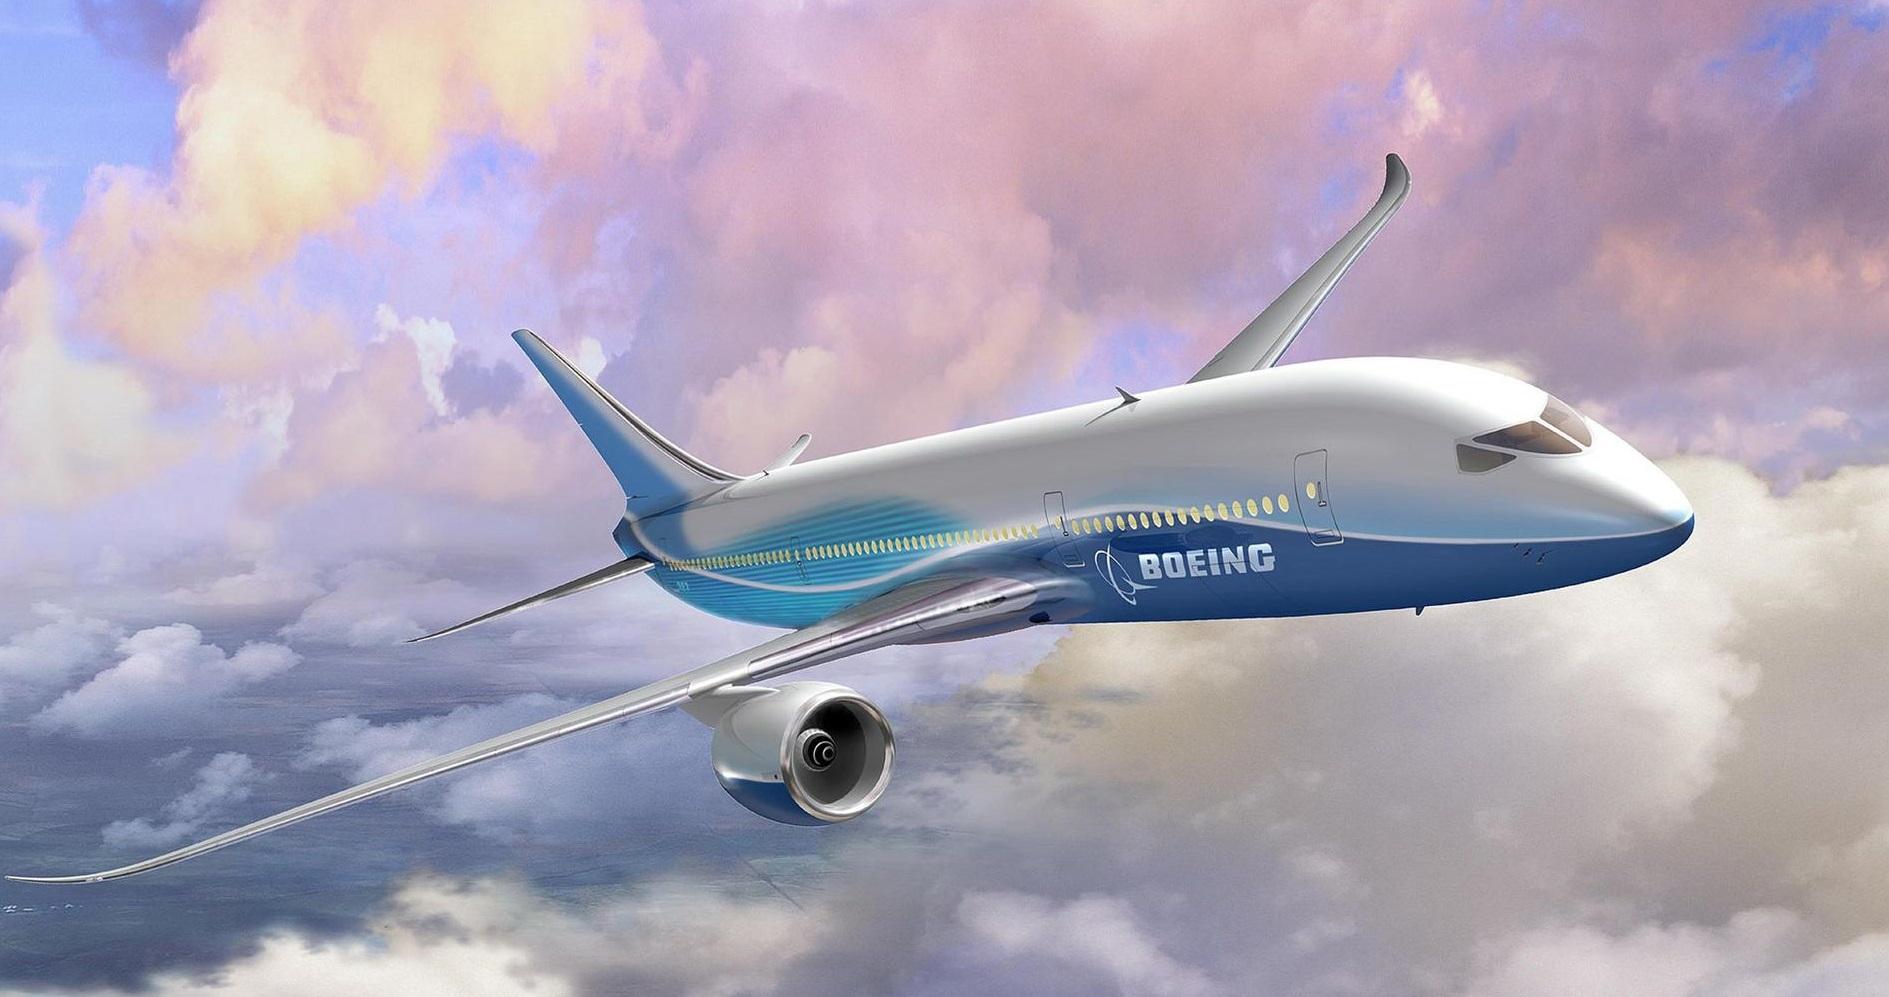 Jet airliner images